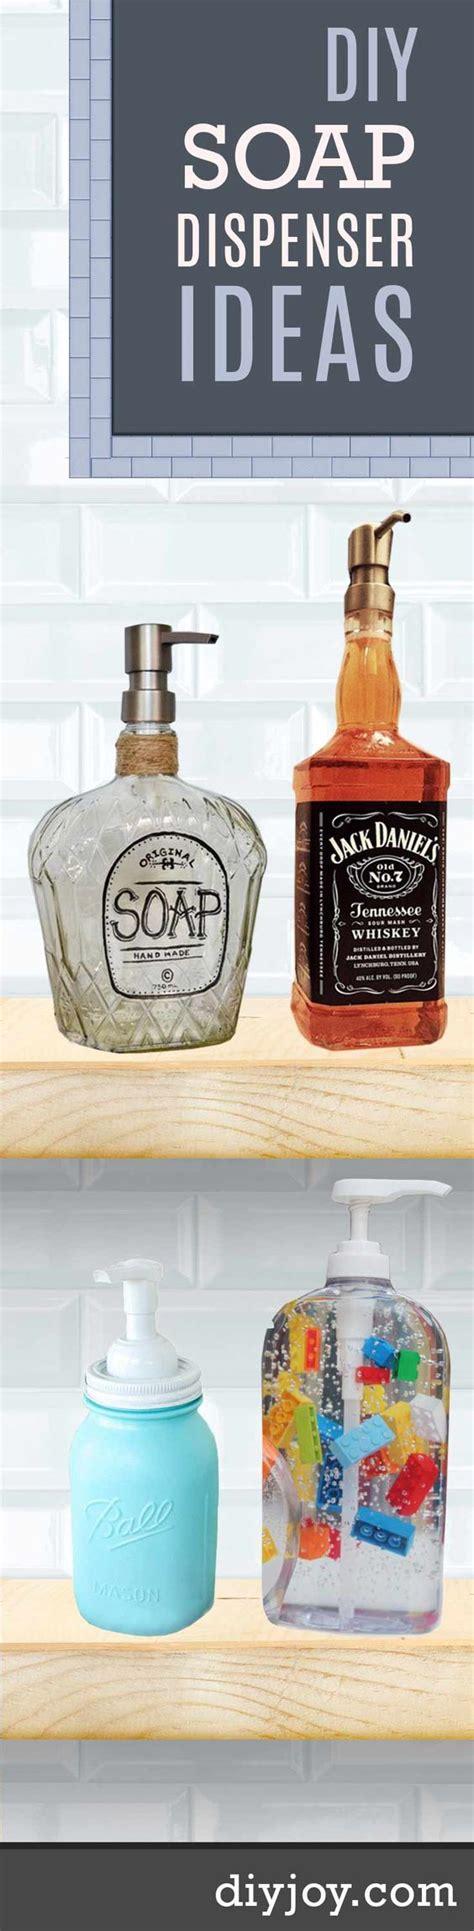 diy liquor ideas 11 diy soap dispensers to dress up your do it